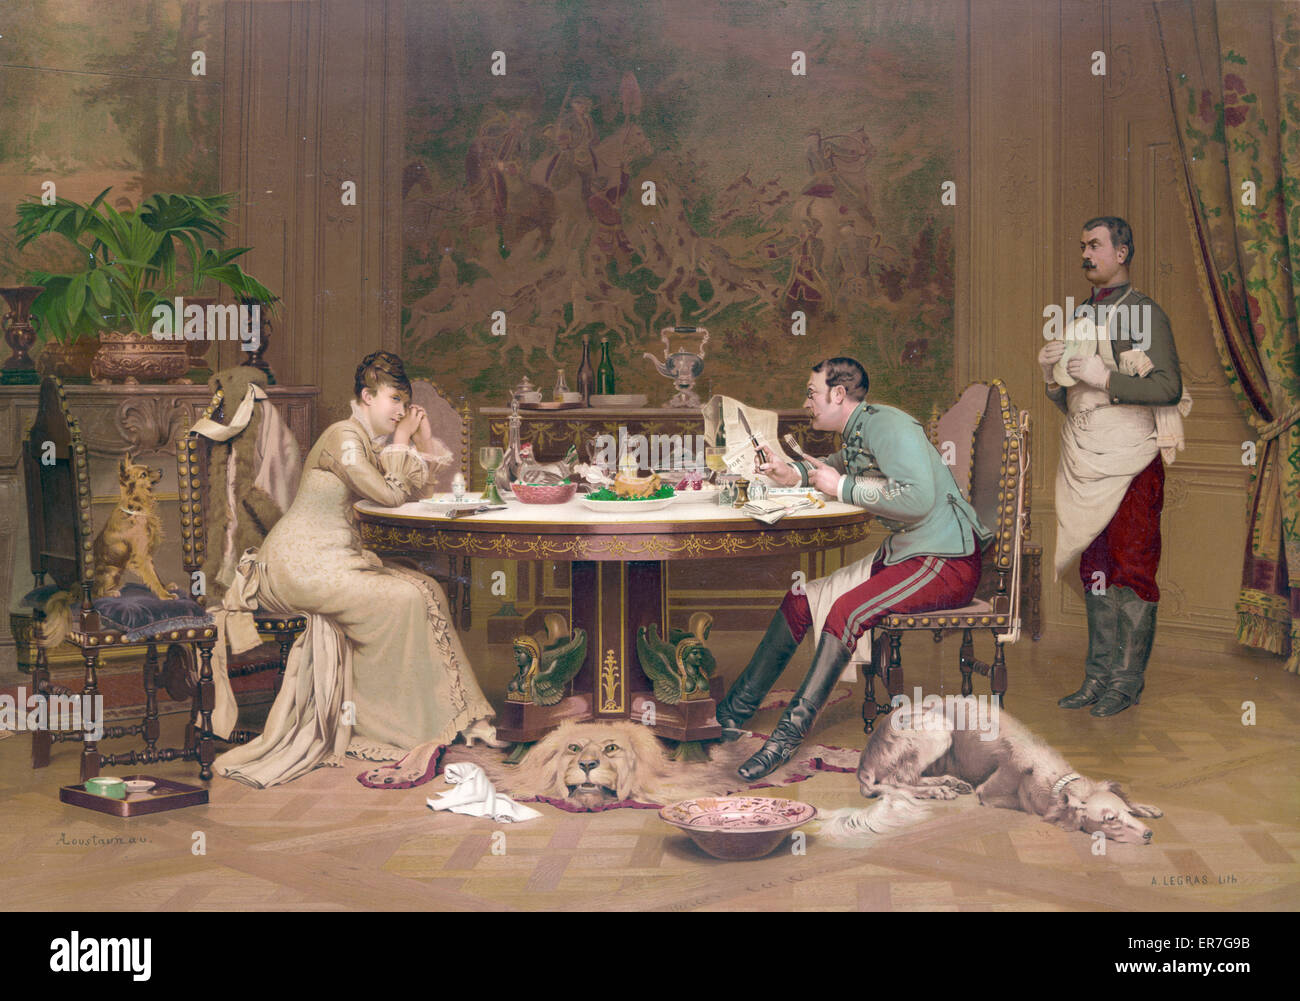 Un mariage de convenance. Date c1881 Dec. 12. - Stock Image